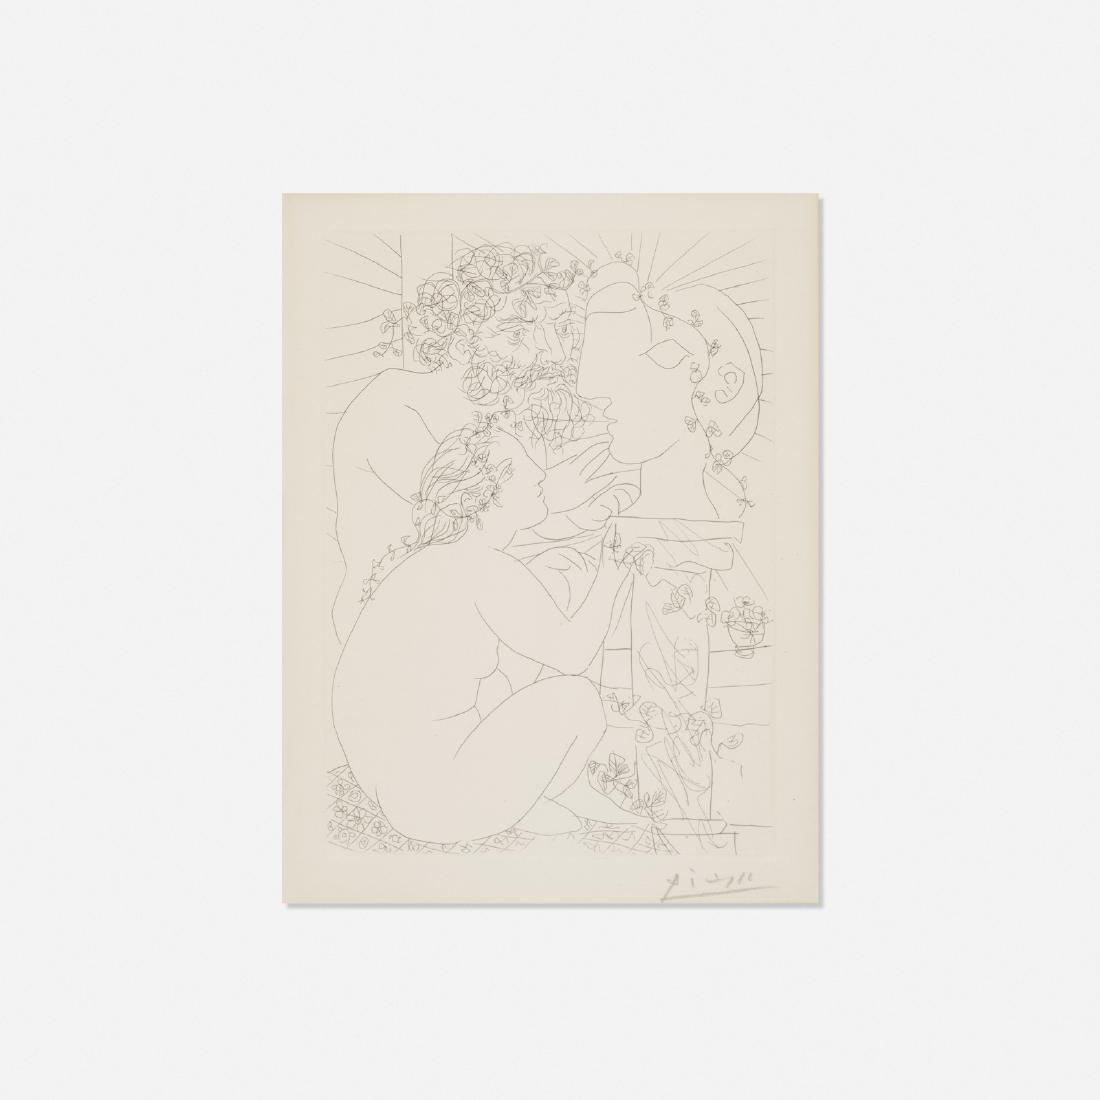 Pablo Picasso, Sculpteur, Modele accroupi et Tete